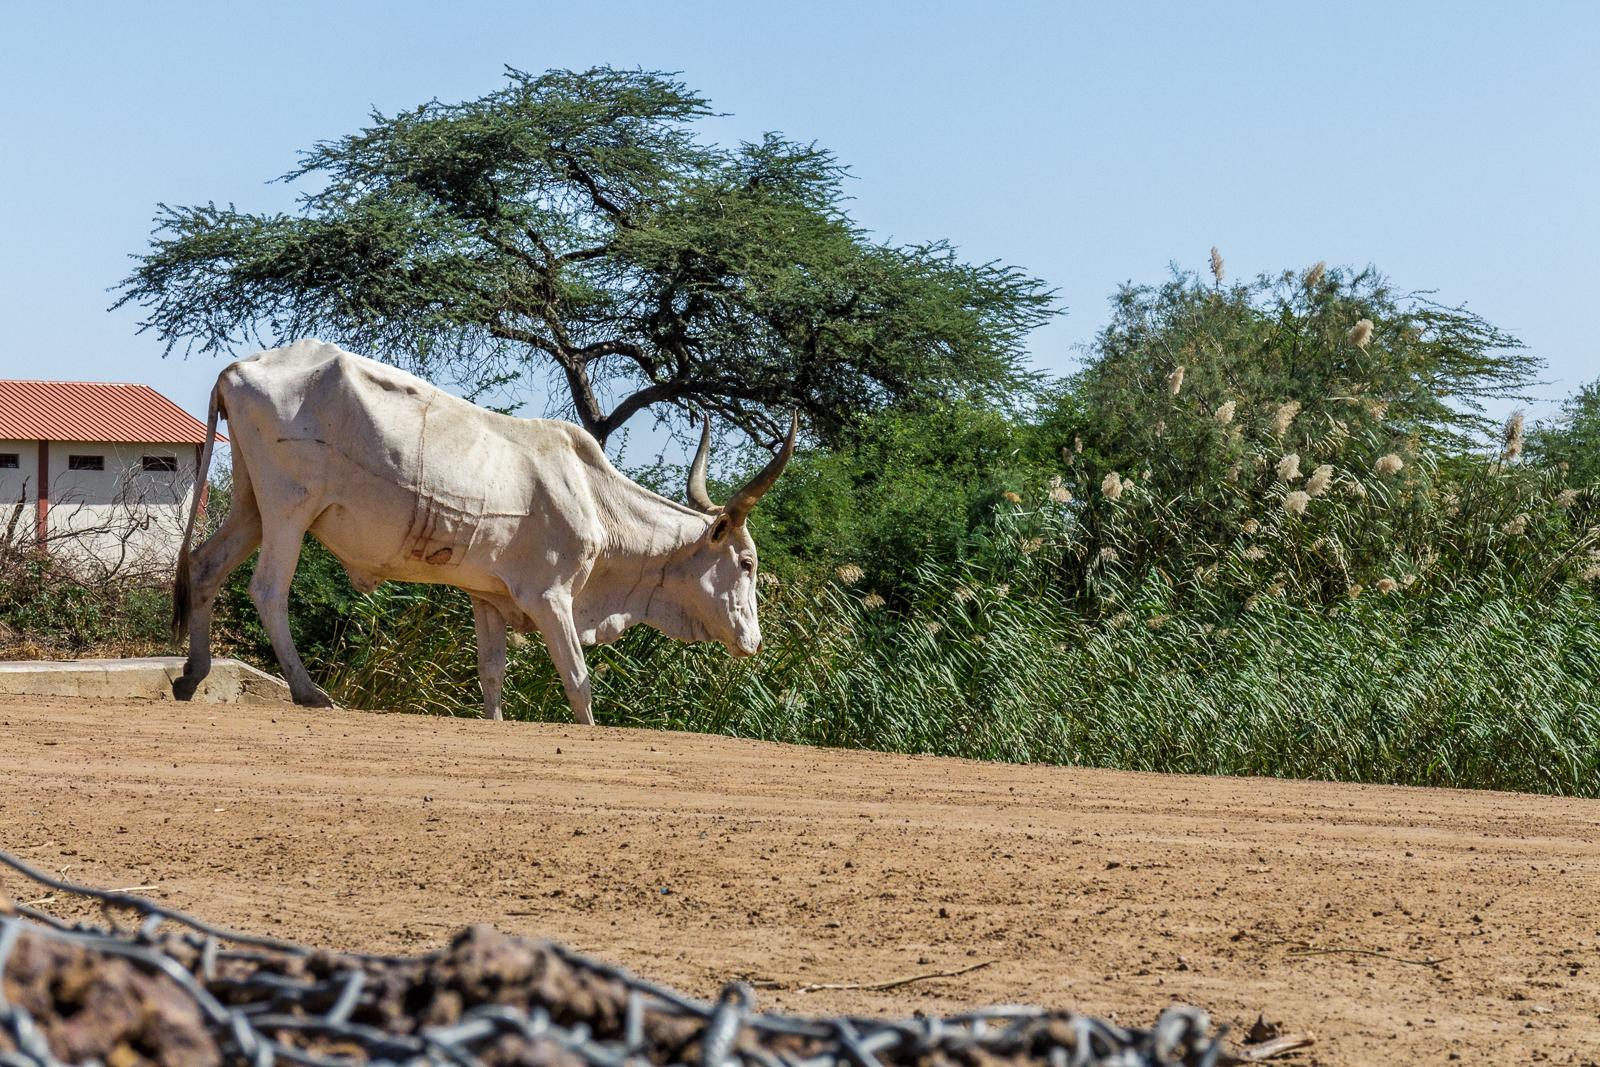 Les éleveurs du peuple maure mutilent affreusement et inutilement les vaches pour identification. On voit ici les énormes cicatrices du haut en bas sur tout le corps.